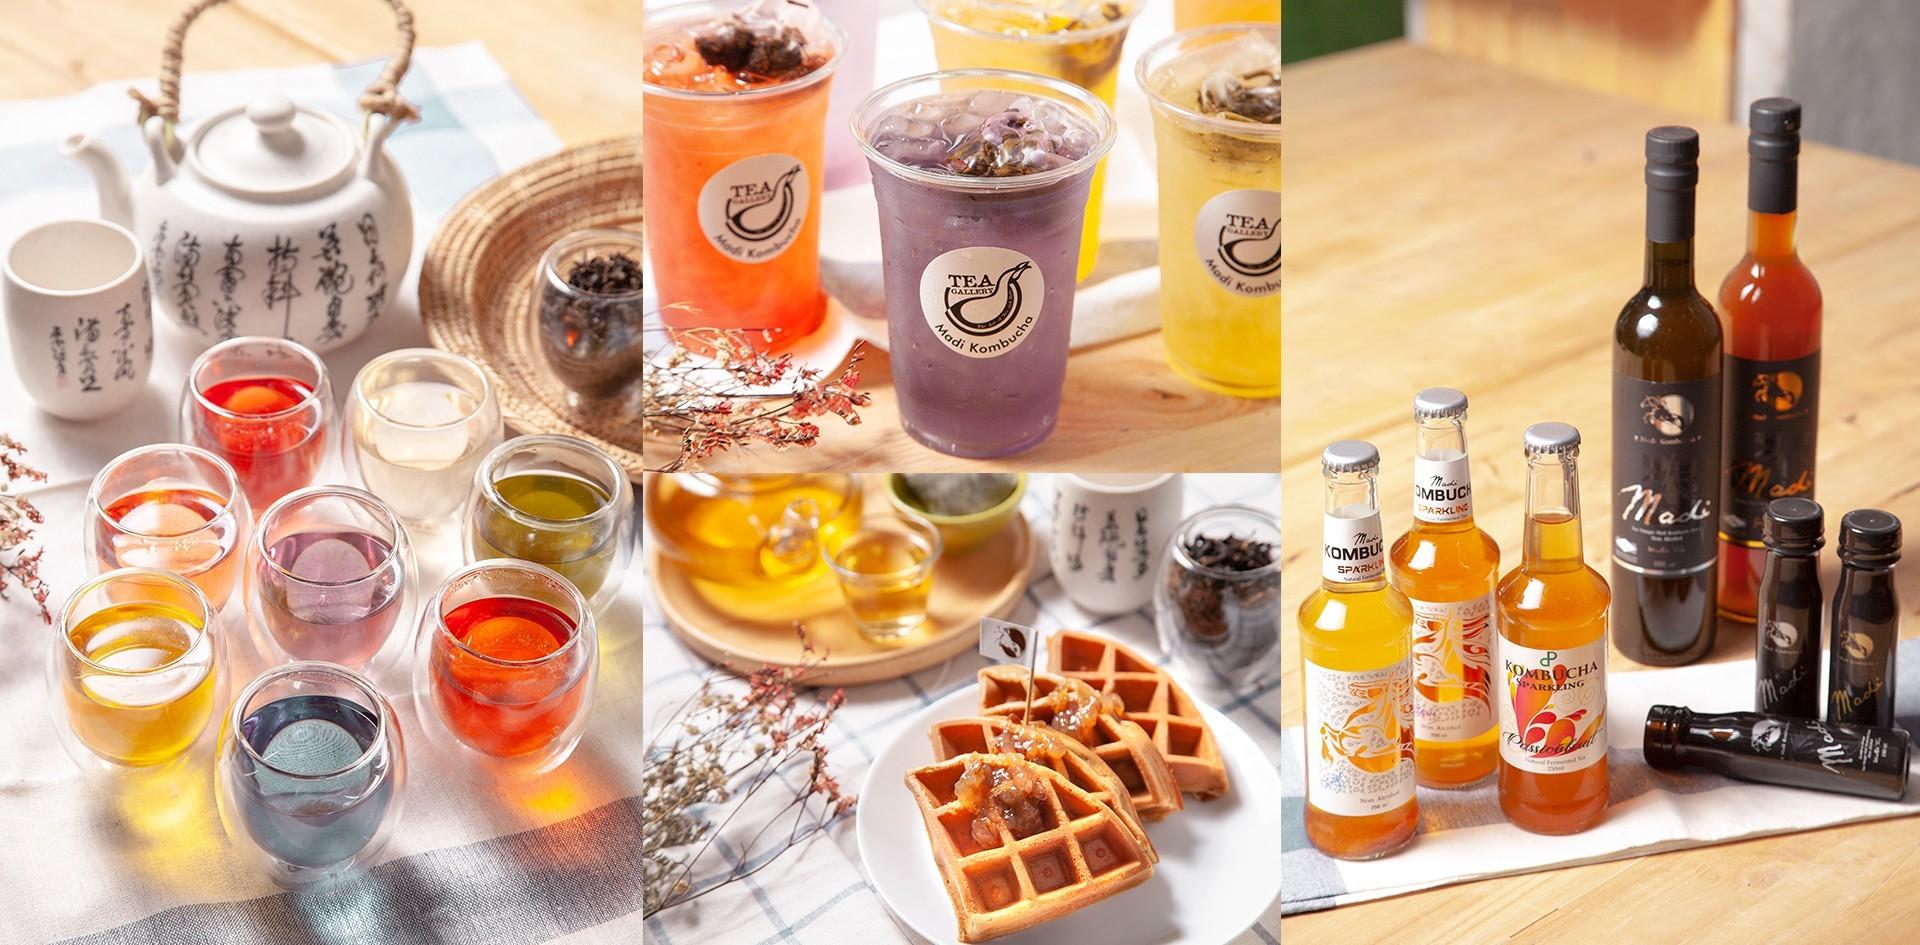 [รีวิว] Gemstone Tea ชา 7 สี หอมทะลุจักรวาล ที่ Tea Gallery เชียงใหม่